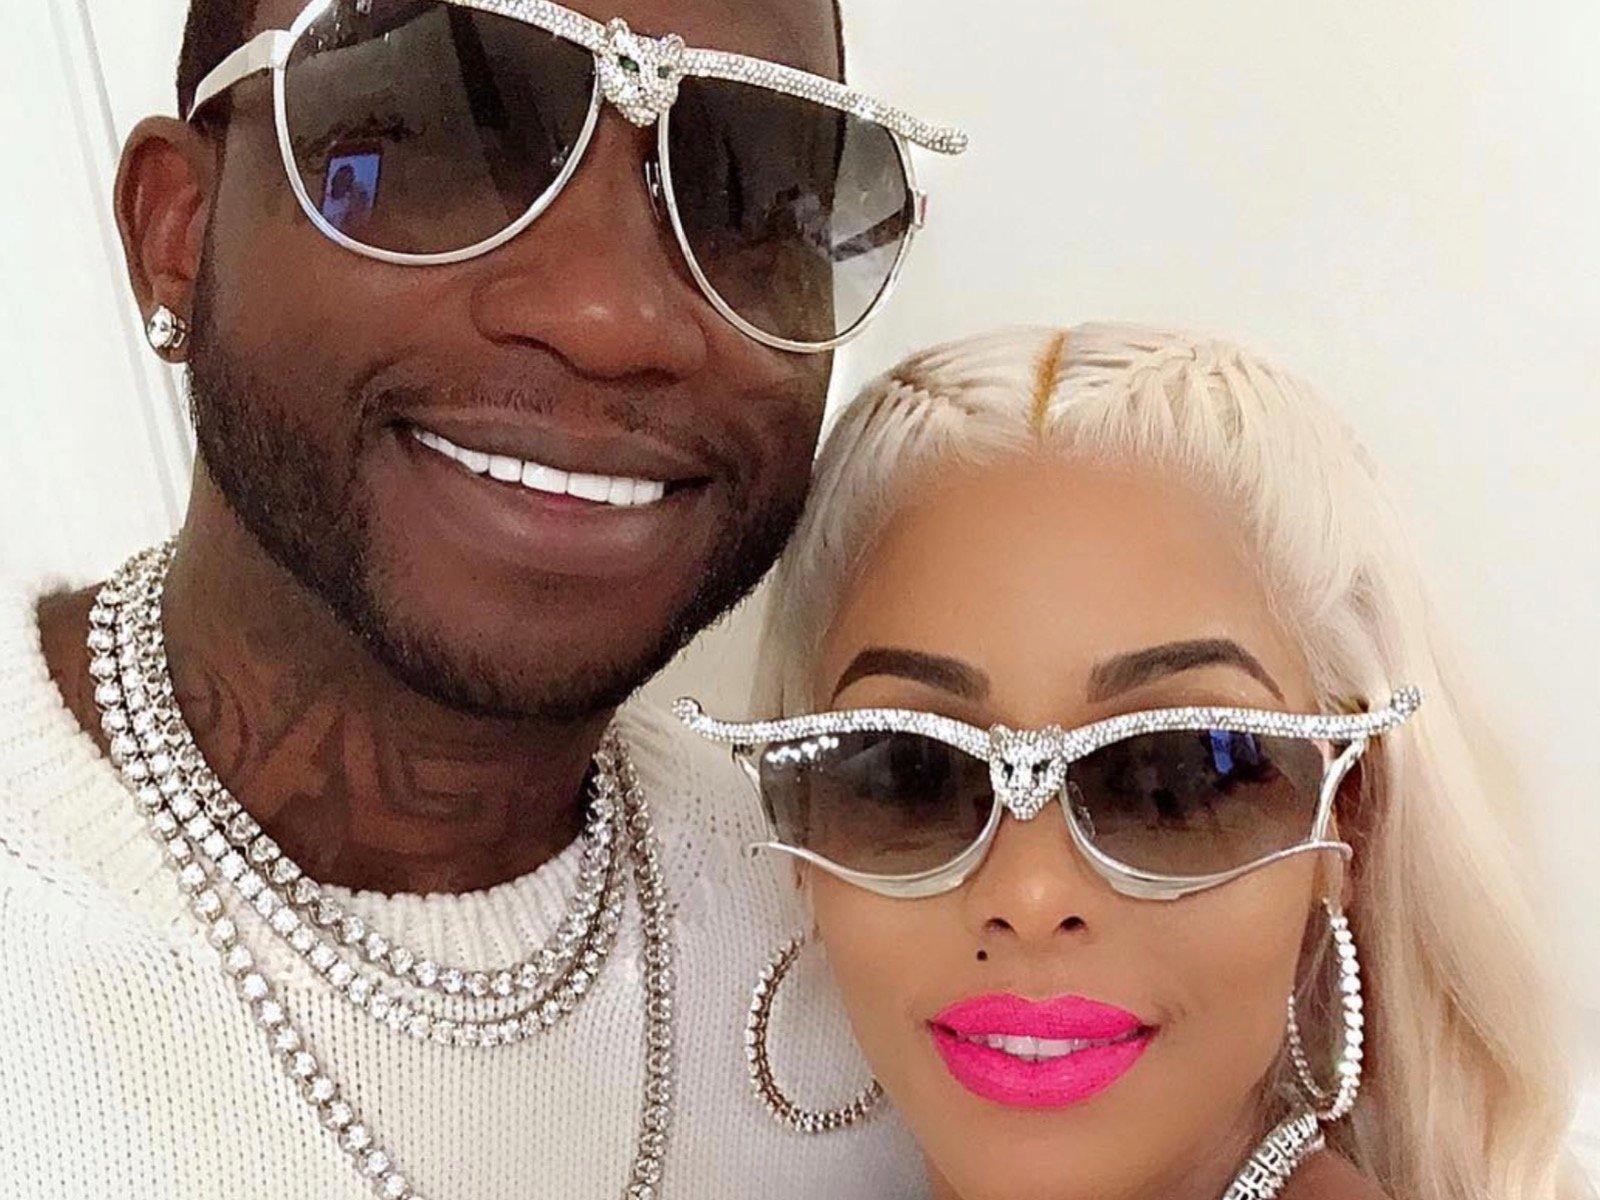 Gucci Mane Keyshia Kaoir IG Pic